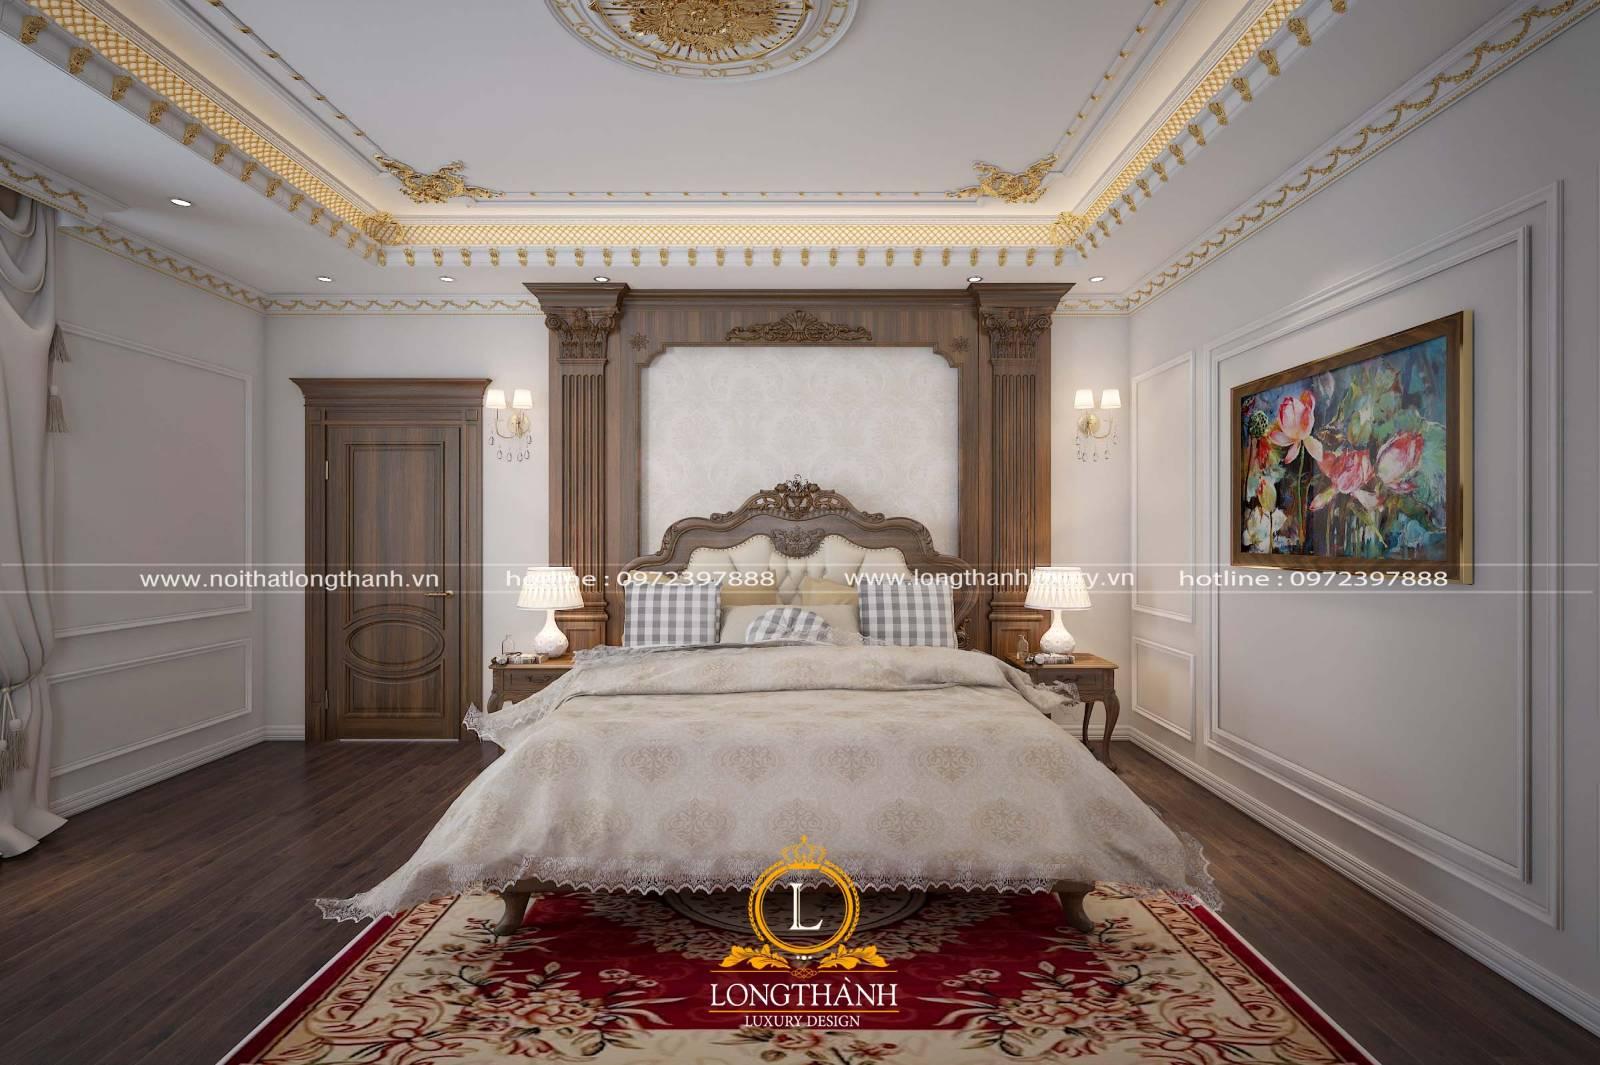 Cửa gỗ sồi sử dụng cho phòng ngủ theo thiết kế tân cổ điển